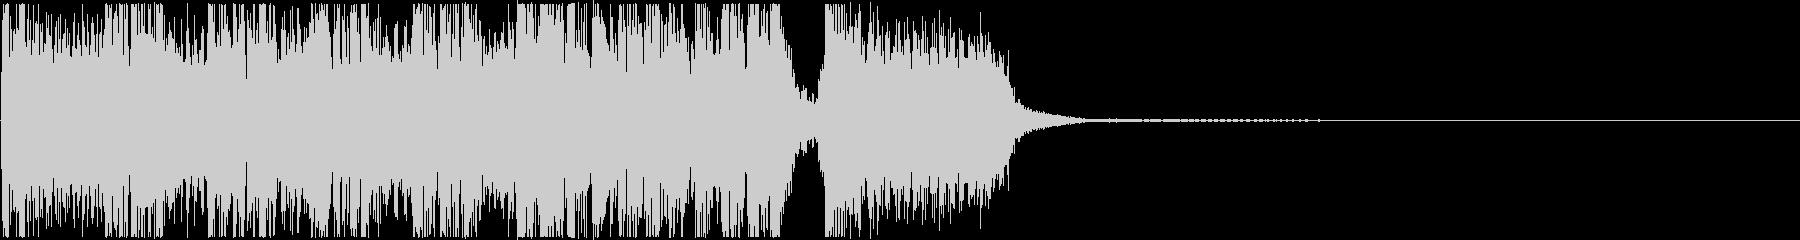 生演奏メタルなアイキャッチ17の未再生の波形